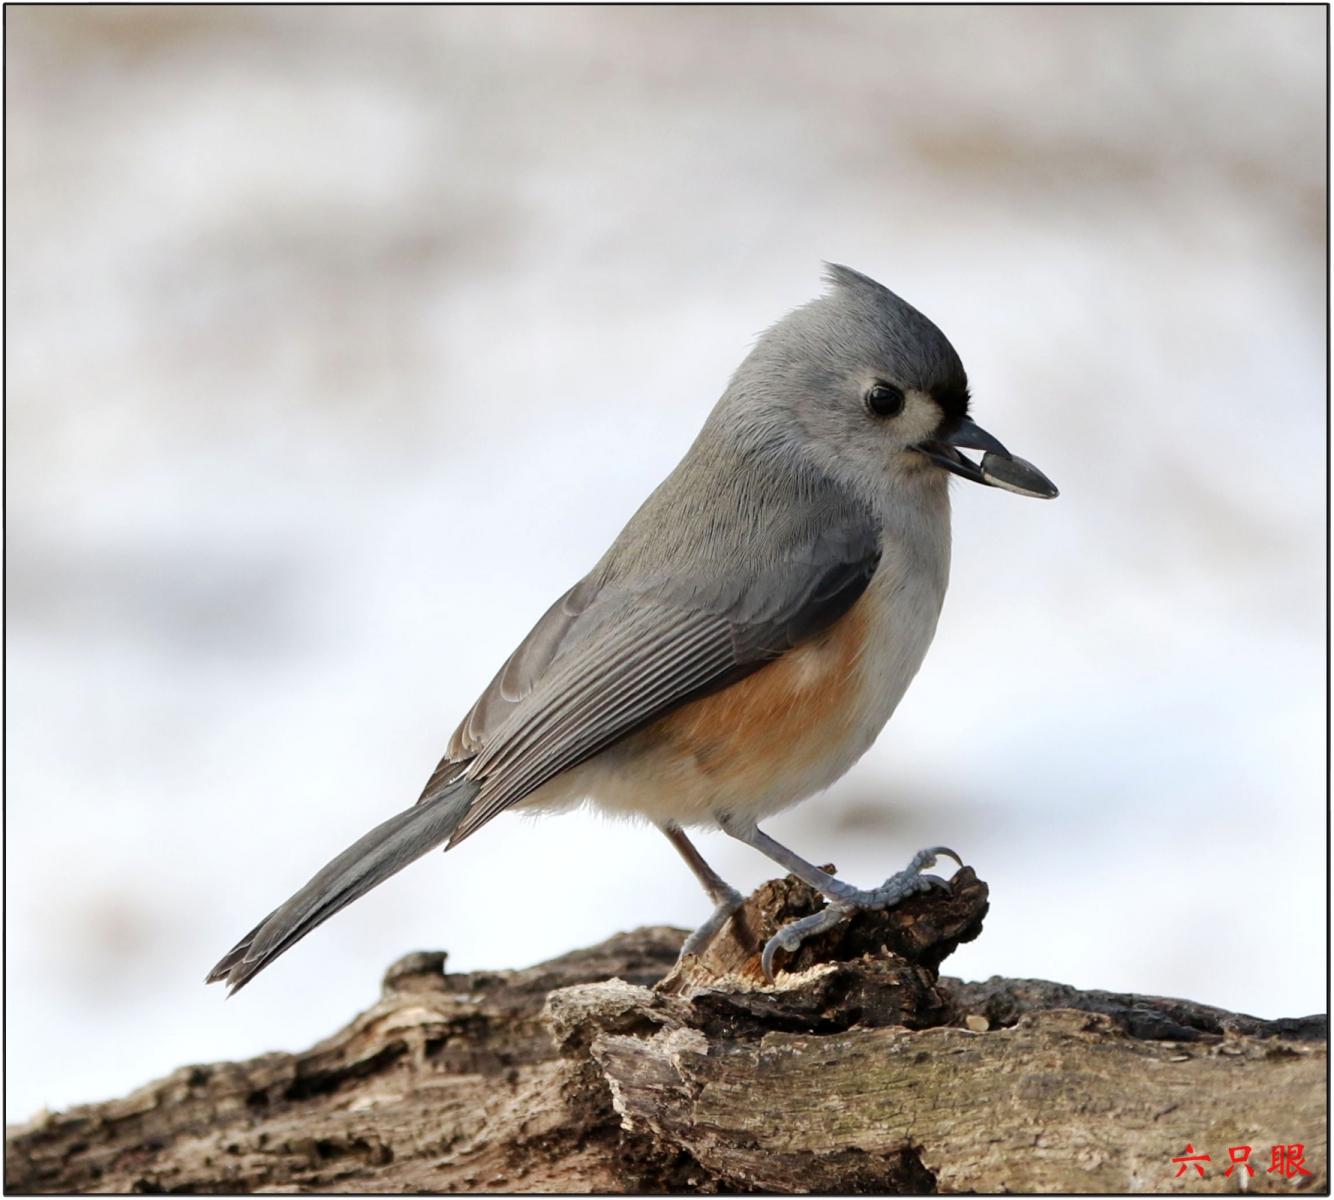 六只眼:雪中小鸟觅食忙_图1-4